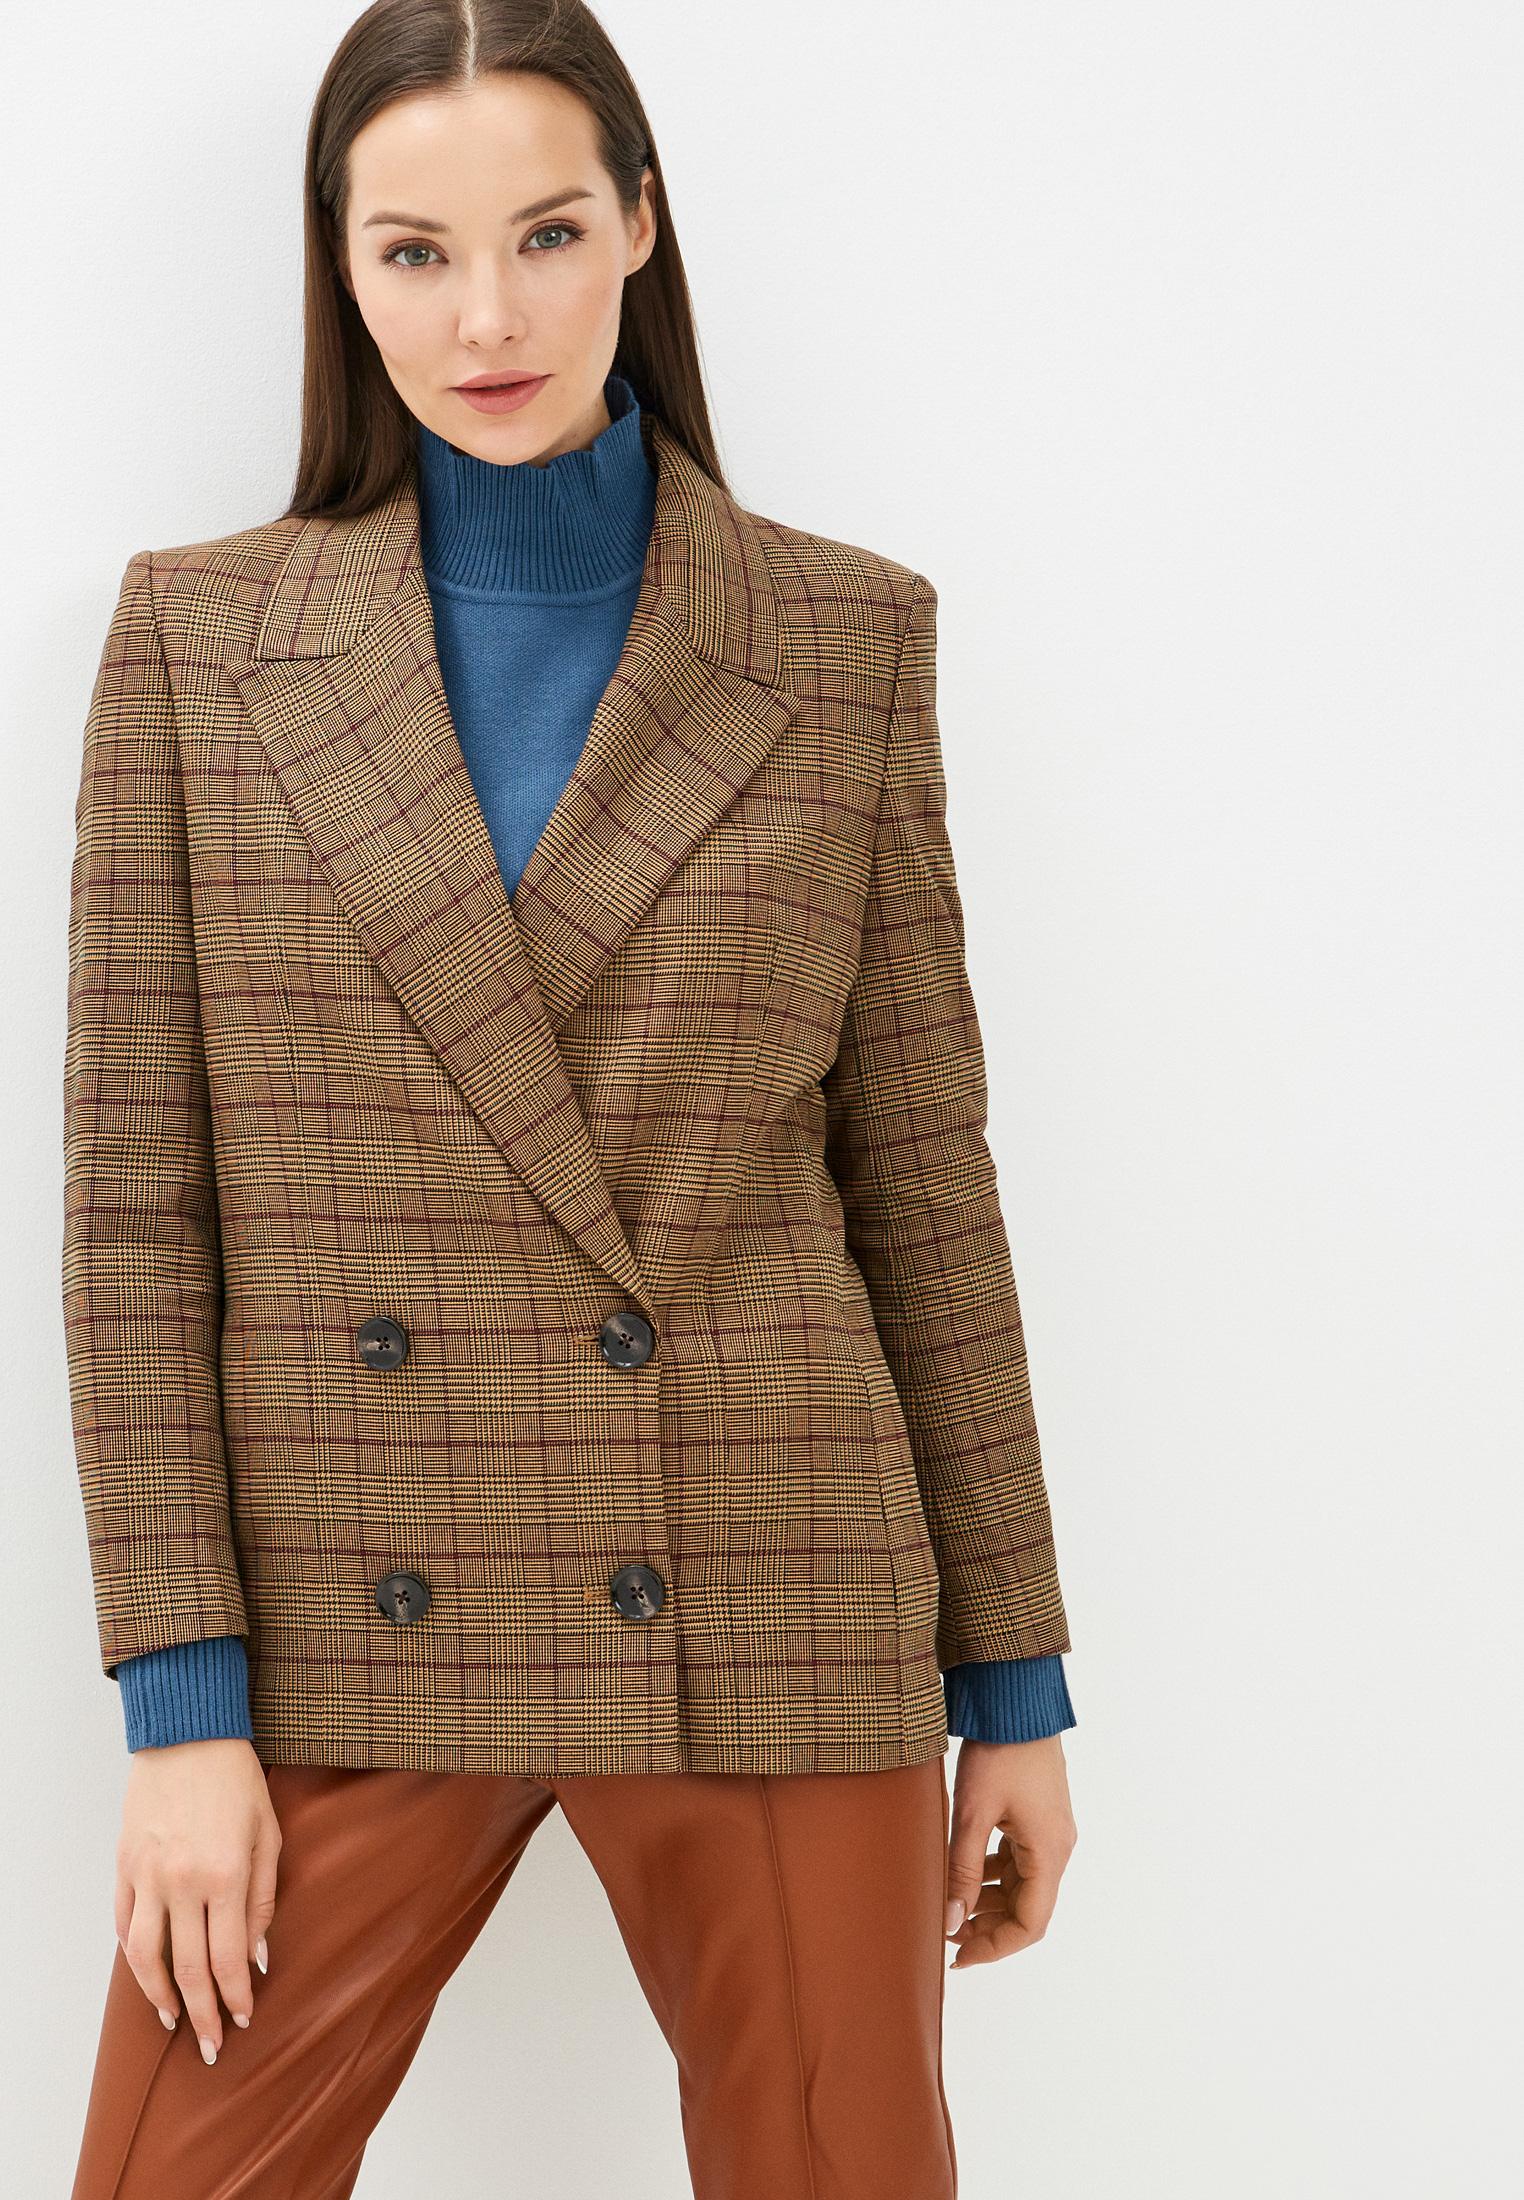 Пиджак Sisley (Сислей) Пиджак Sisley